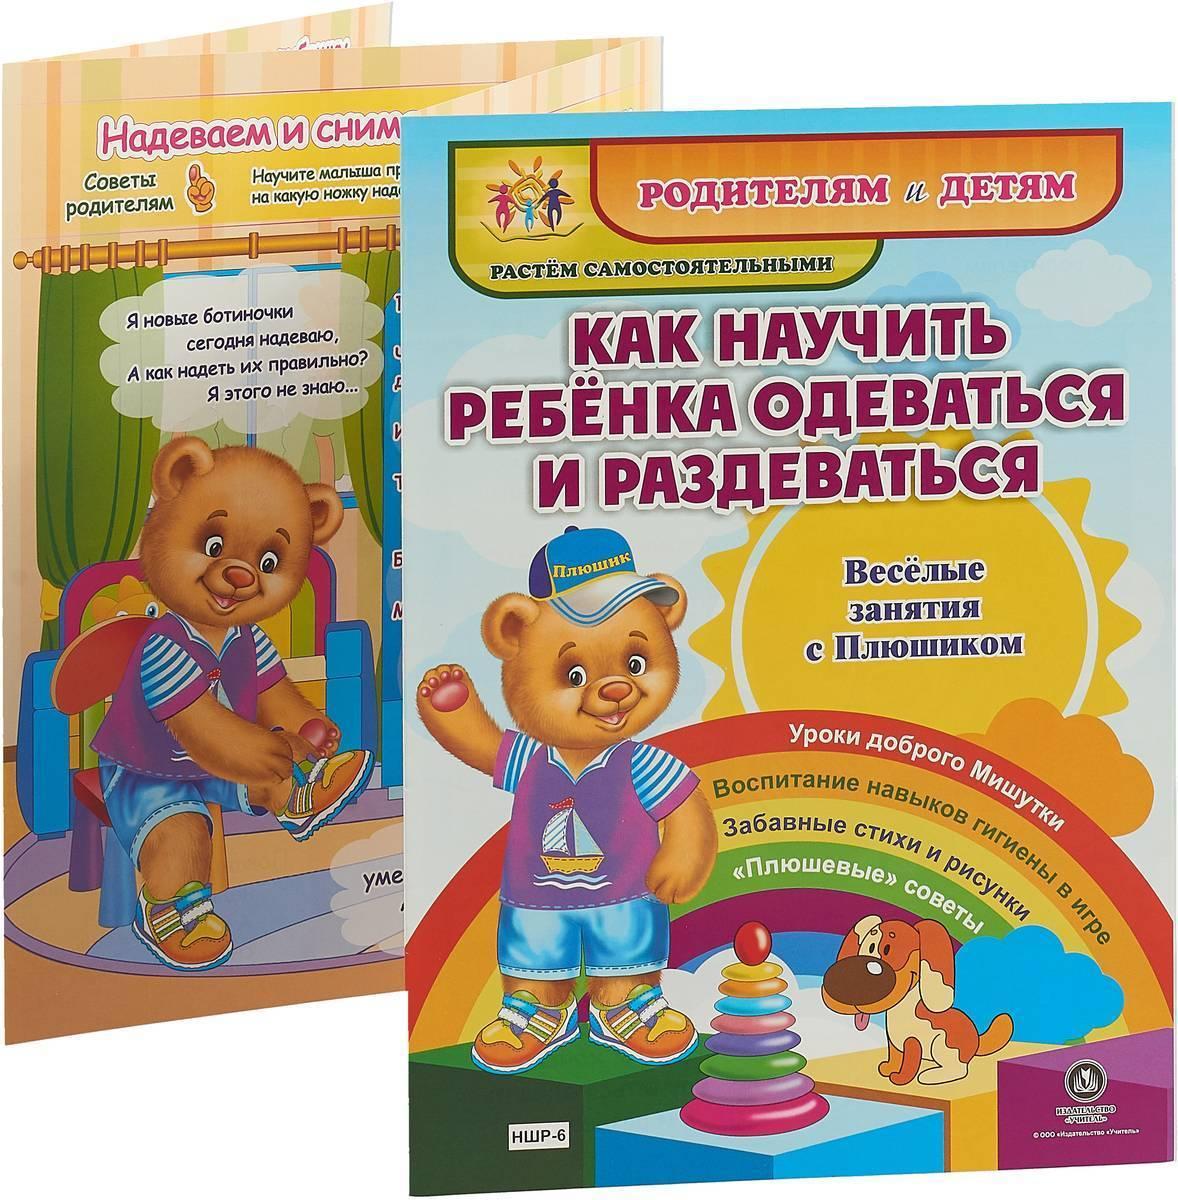 Учим ребенка 2-3 лет одеваться и раздеваться самостоятельно